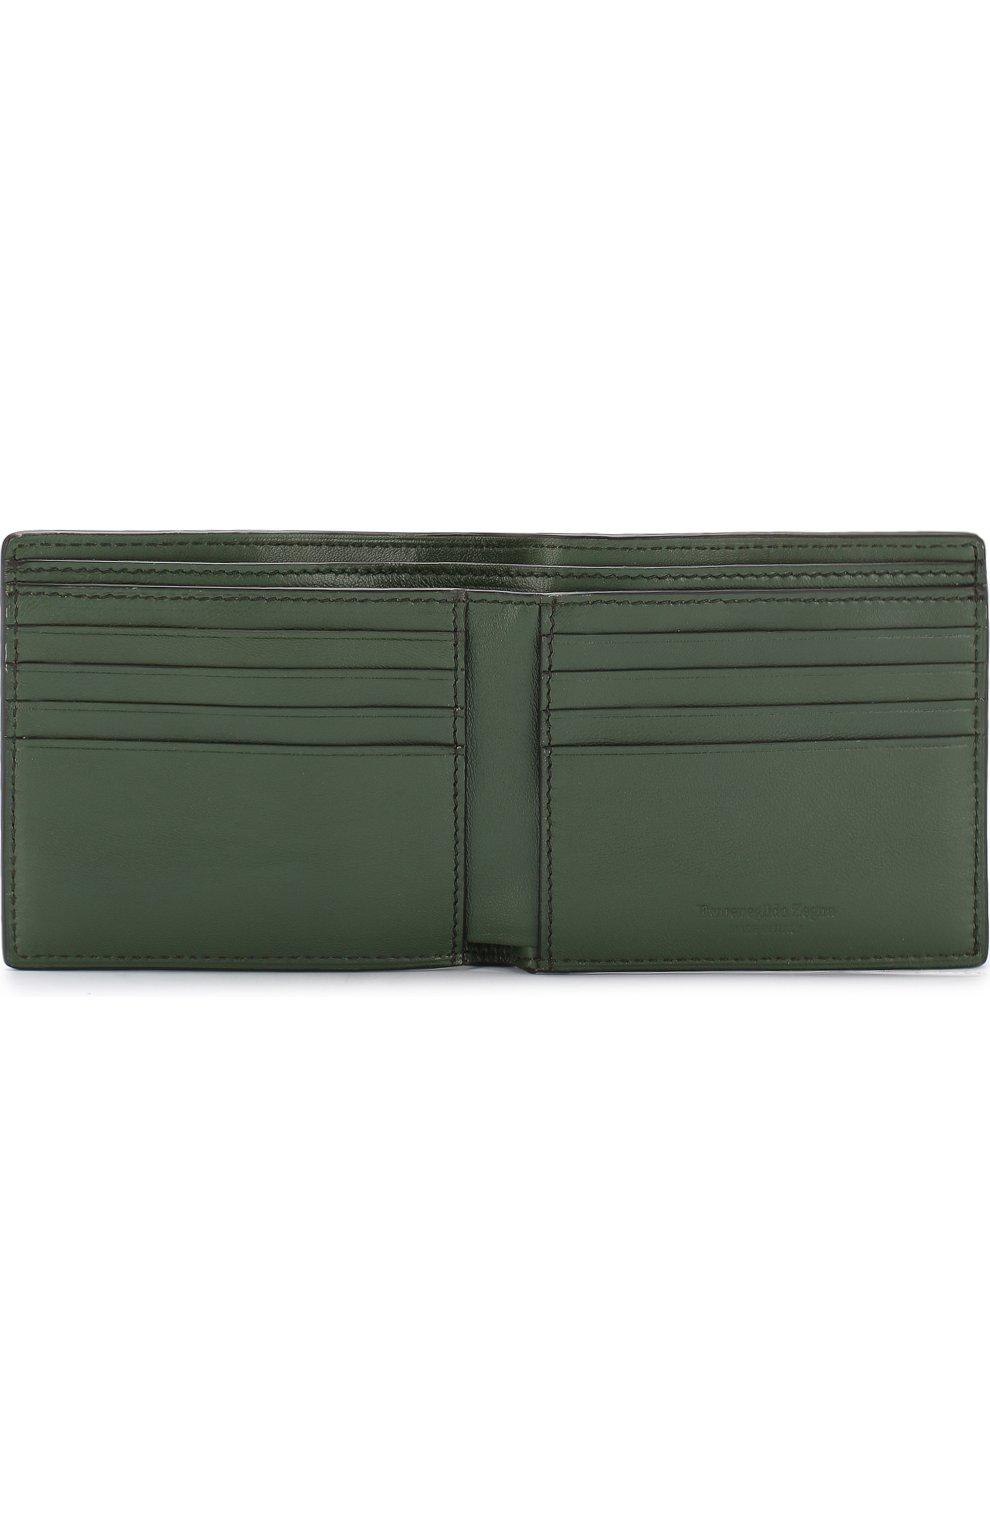 Кожаное портмоне с отделениями для кредитных карт | Фото №3